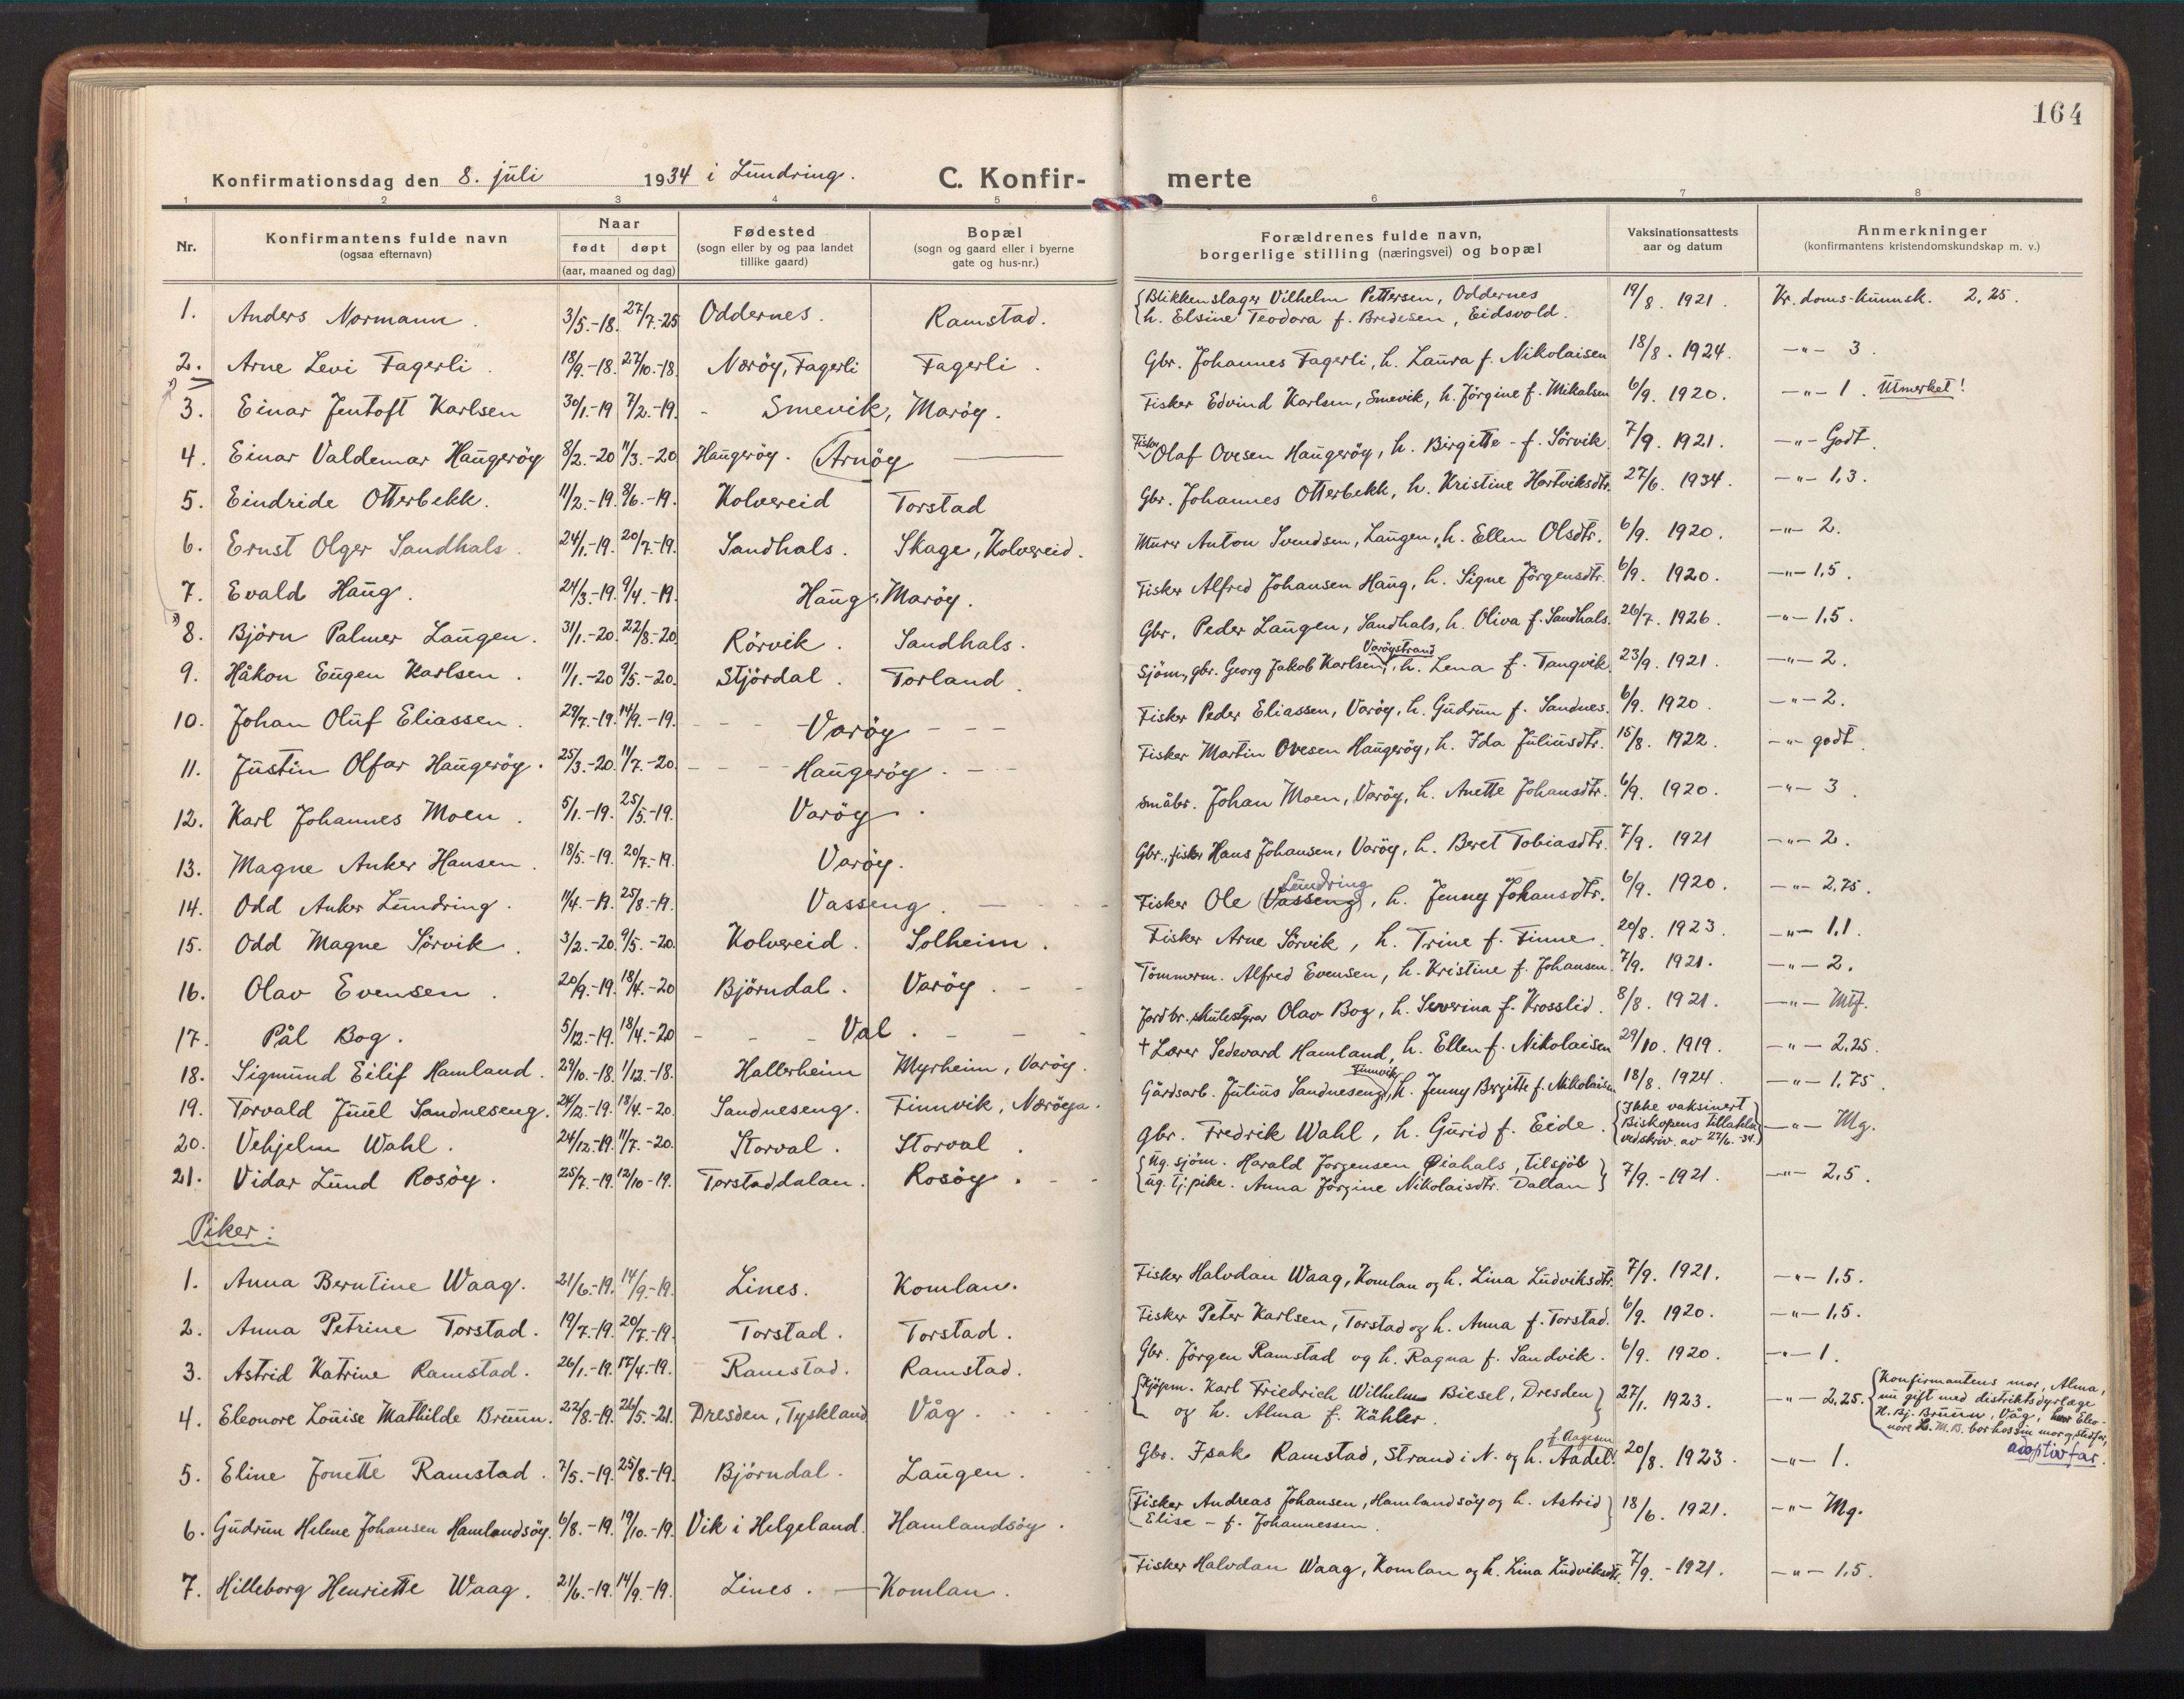 SAT, Ministerialprotokoller, klokkerbøker og fødselsregistre - Nord-Trøndelag, 784/L0678: Ministerialbok nr. 784A13, 1921-1938, s. 164